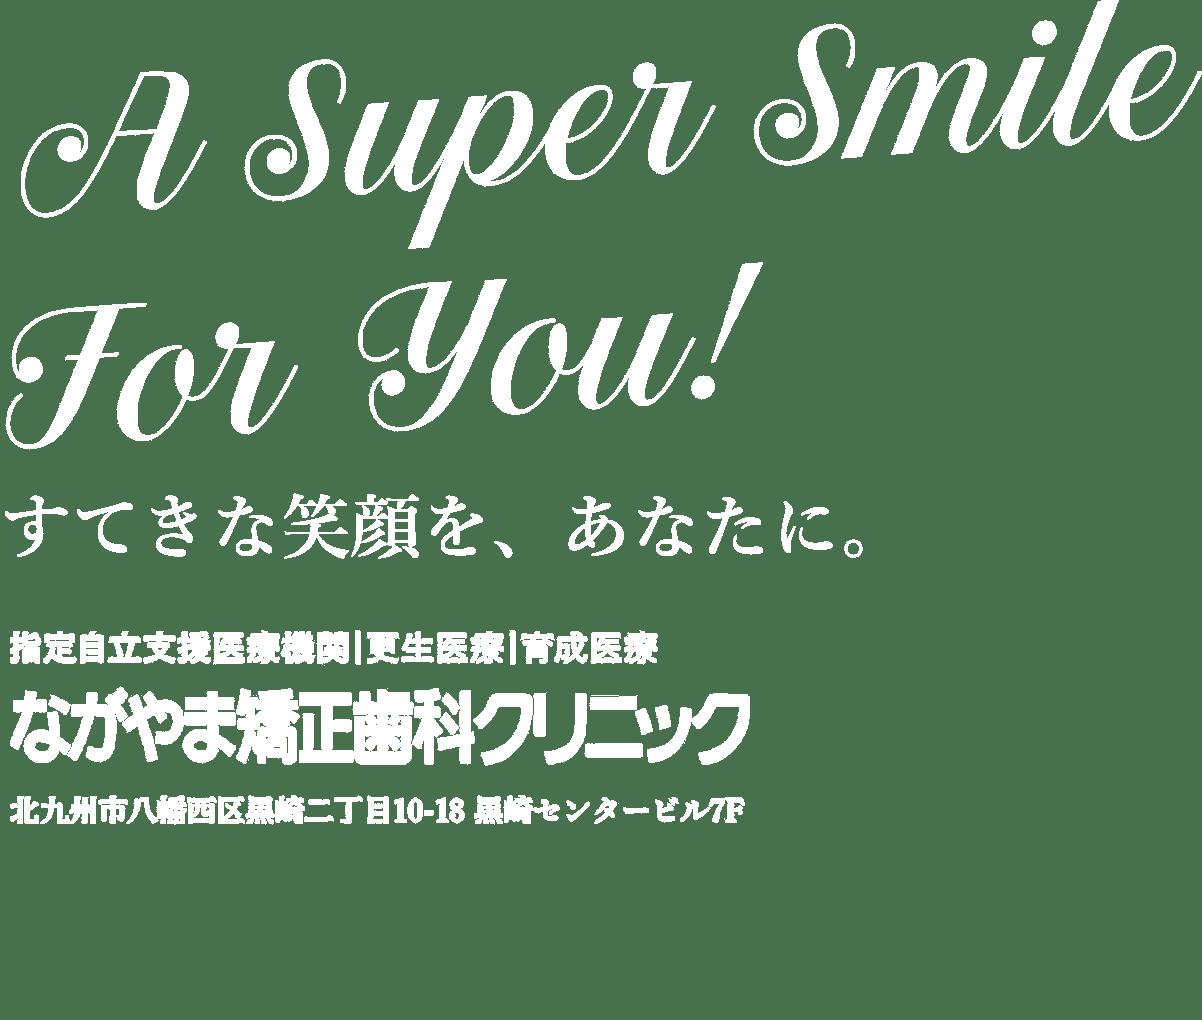 すてきな笑顔を、あなたに。